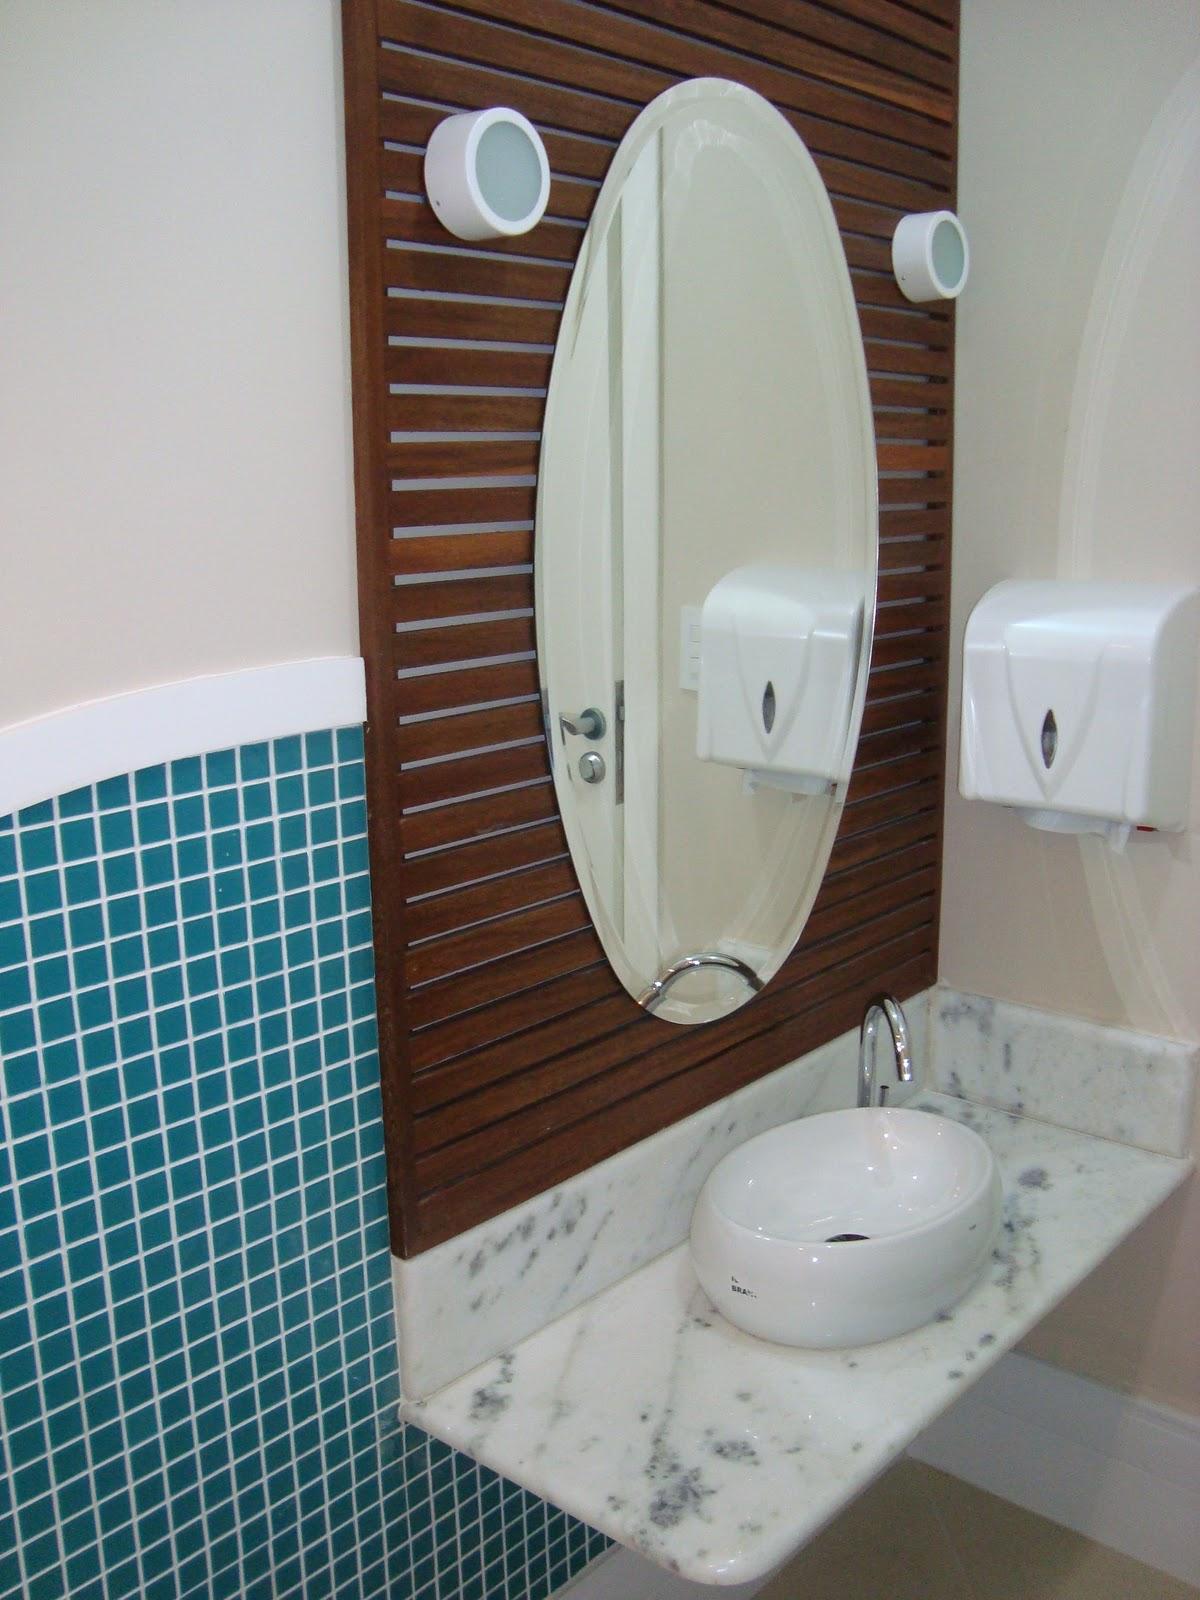 Banheiro Infantil: Pastilhas e painel de madeira do espelho dão o tom  #184F5D 1200 1600